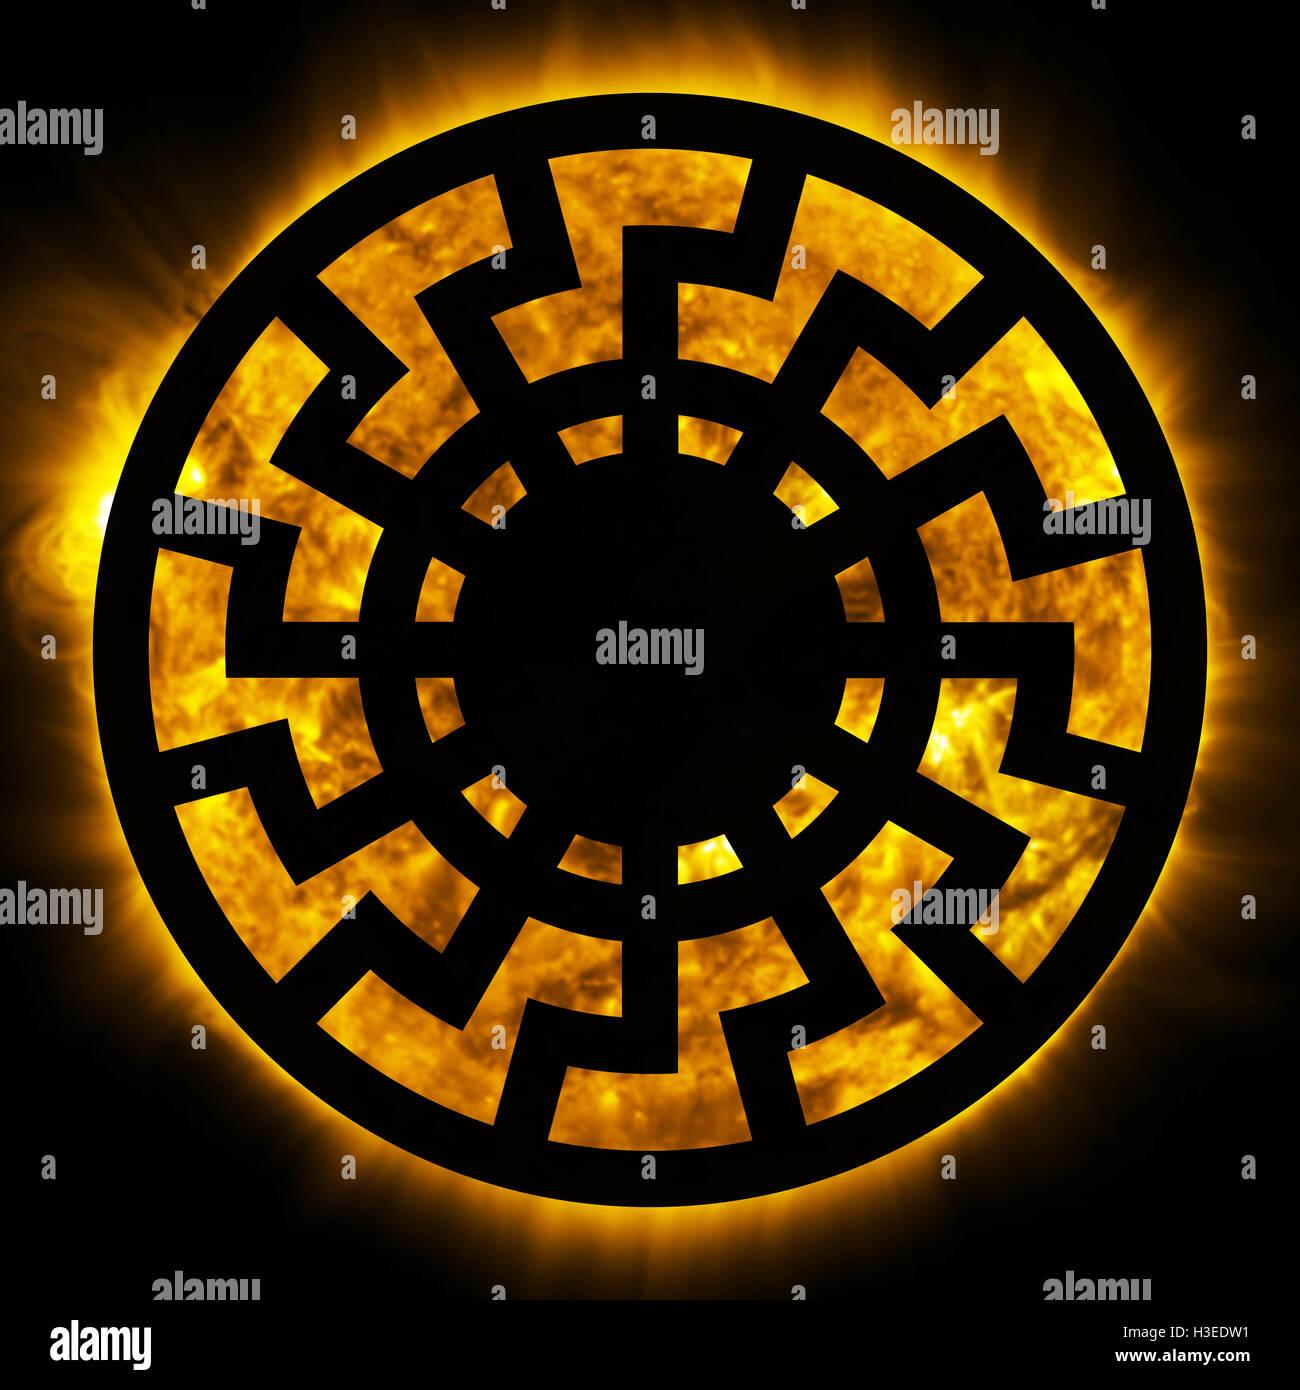 Símbolo del sol negro Fotografía de stock - Alamy